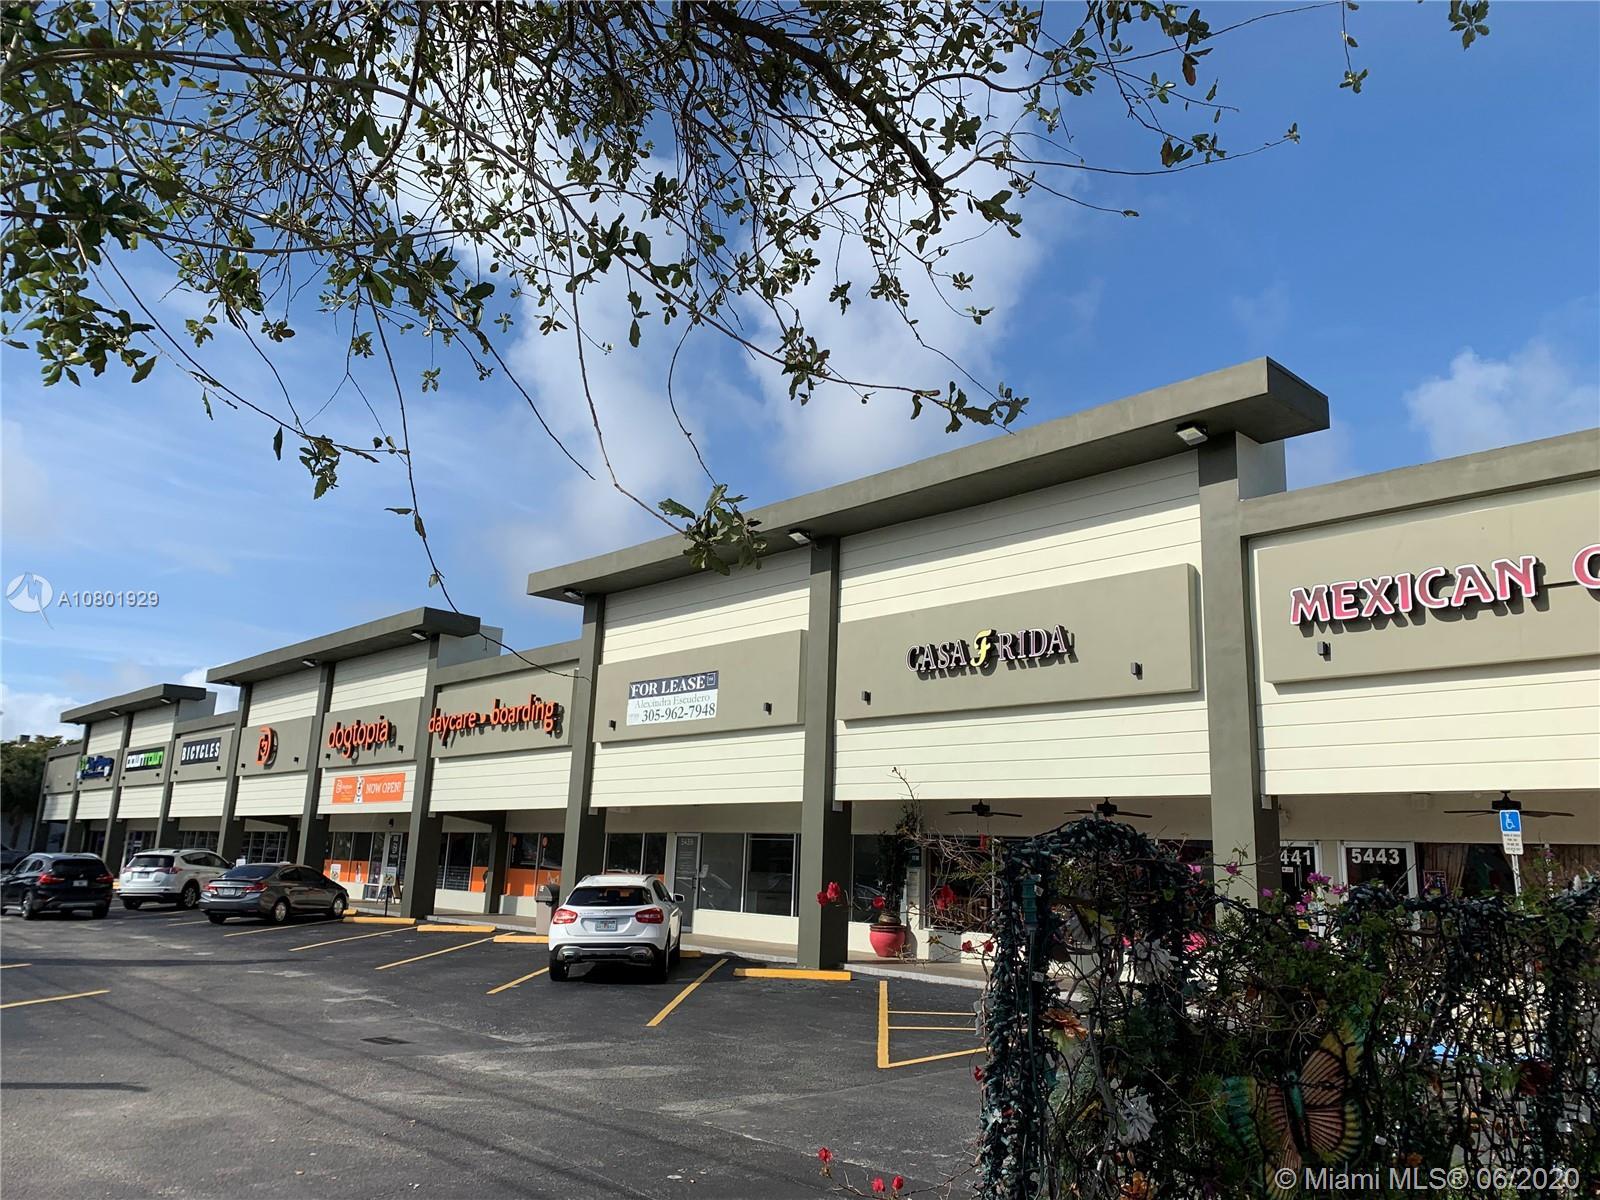 image #1 of property, 5425 N Federal Hwy